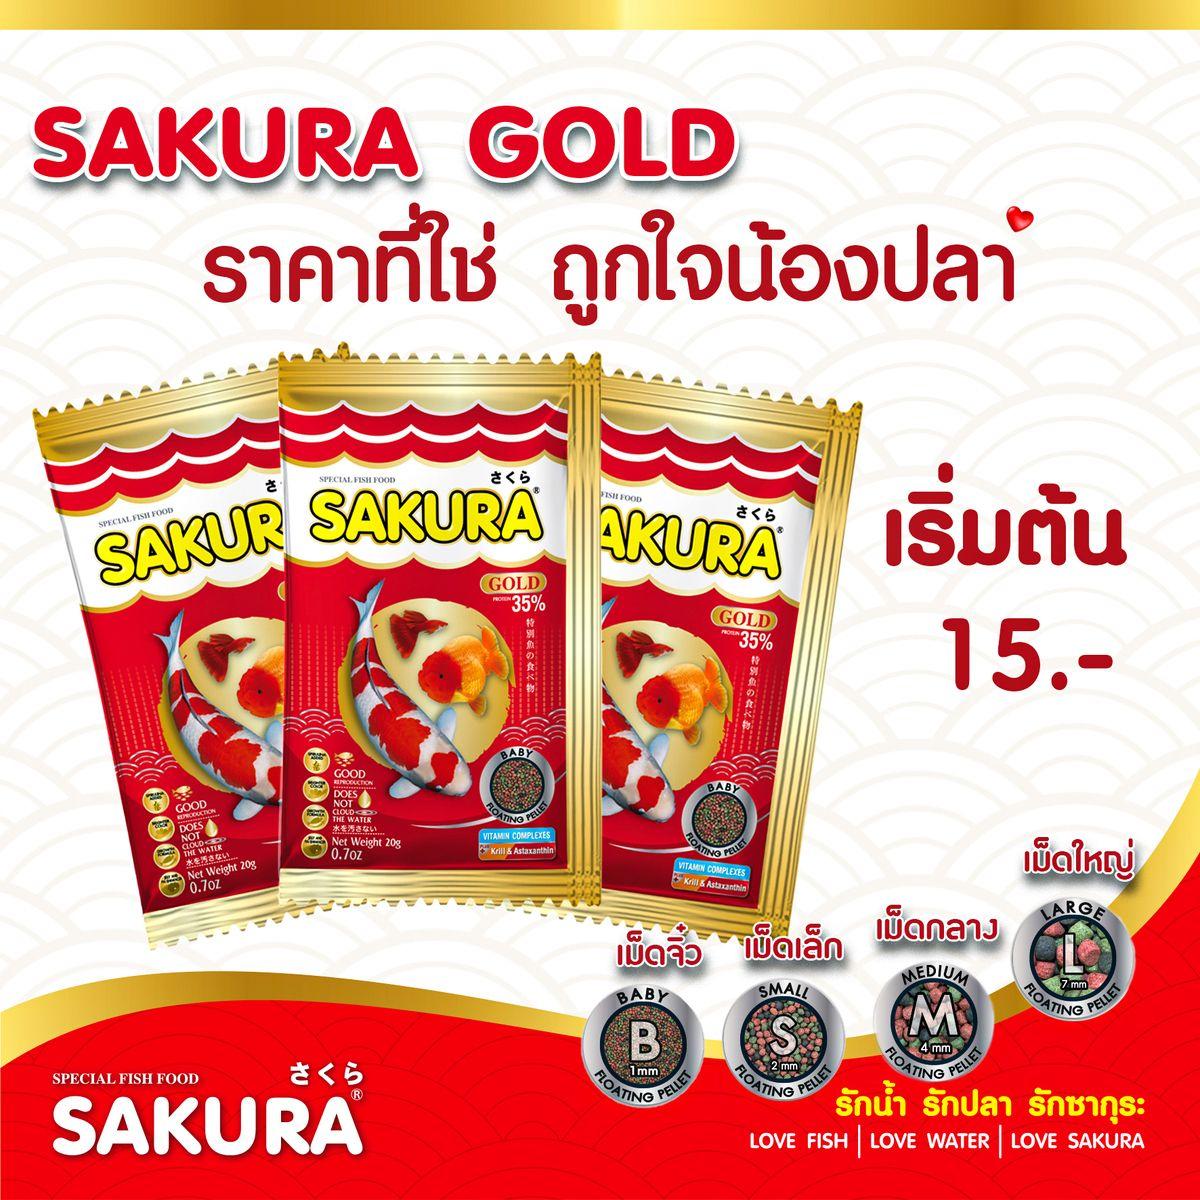 ป กพ นในบอร ด Sakura Gold